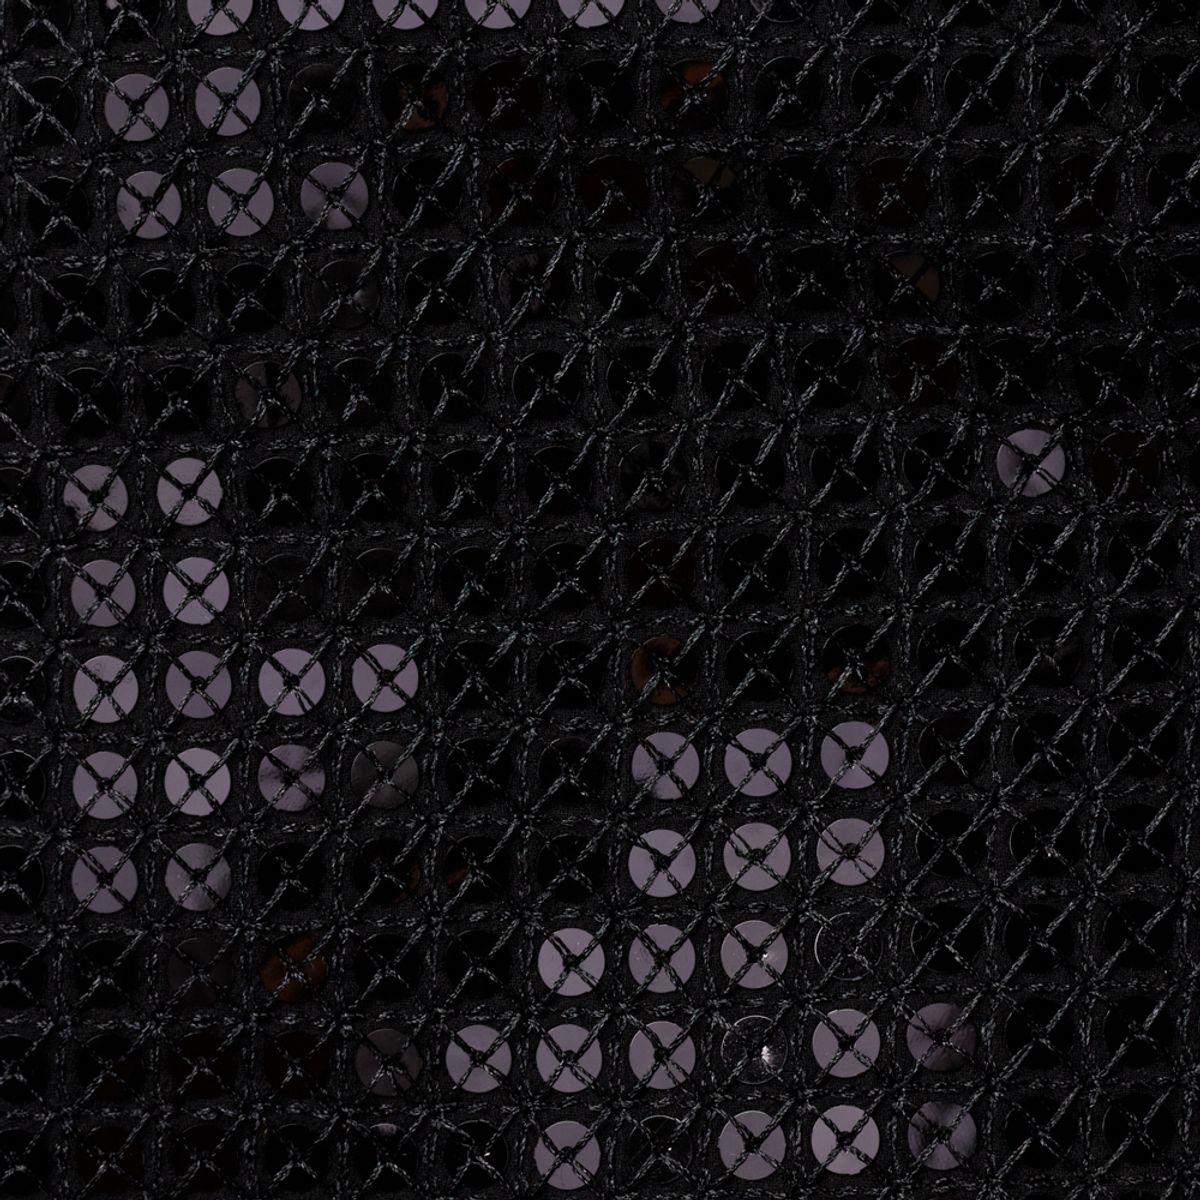 BZ060008_0003_5-BLAZER-PAETE-TWILIGHT-TAYLA-NKO